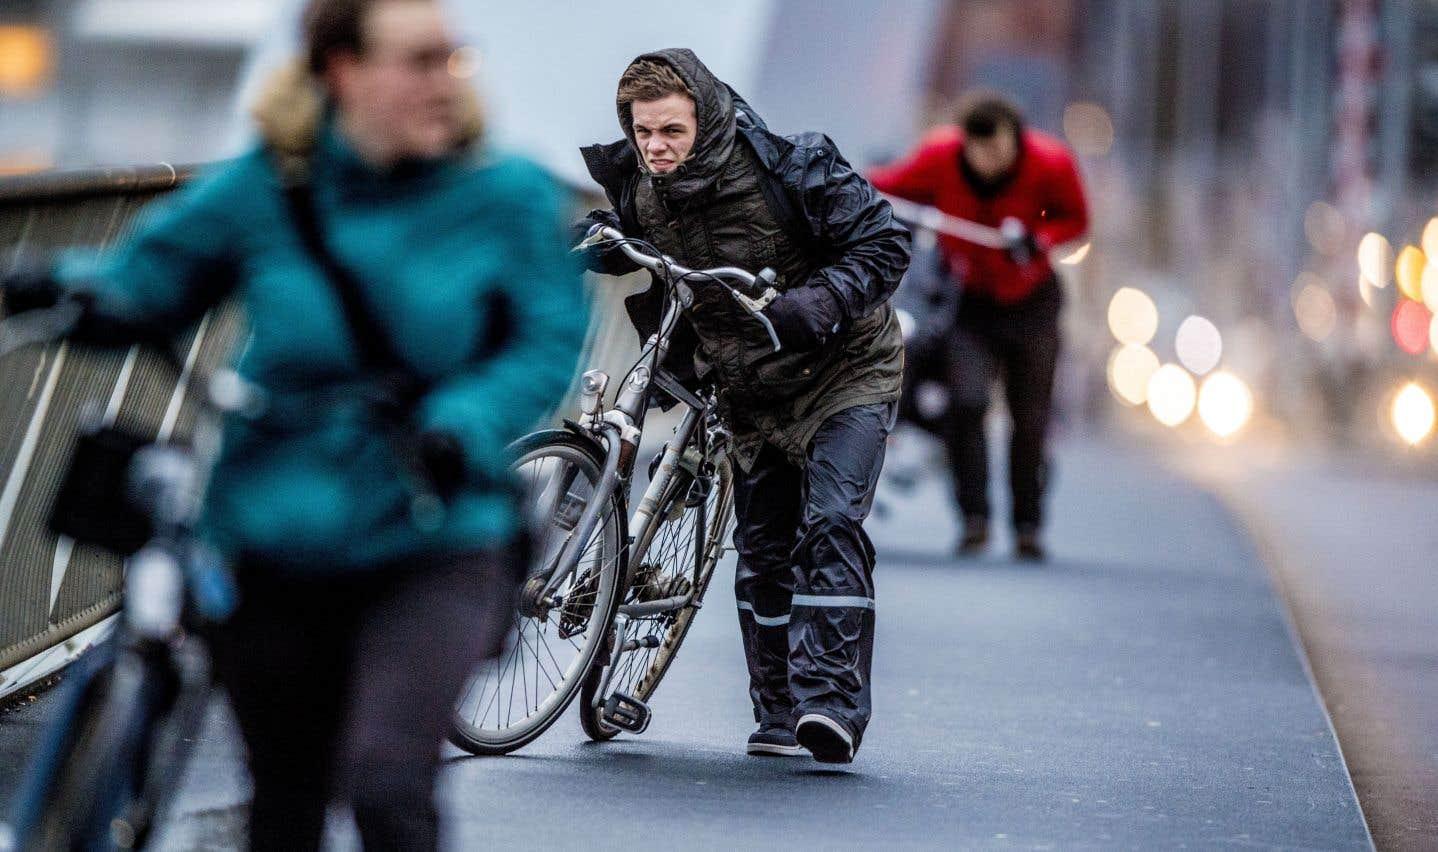 Aux Pays-Bas, des cyclistes ont été soufflés de leur vélo par les fortes rafales, ont rapporté des médias.